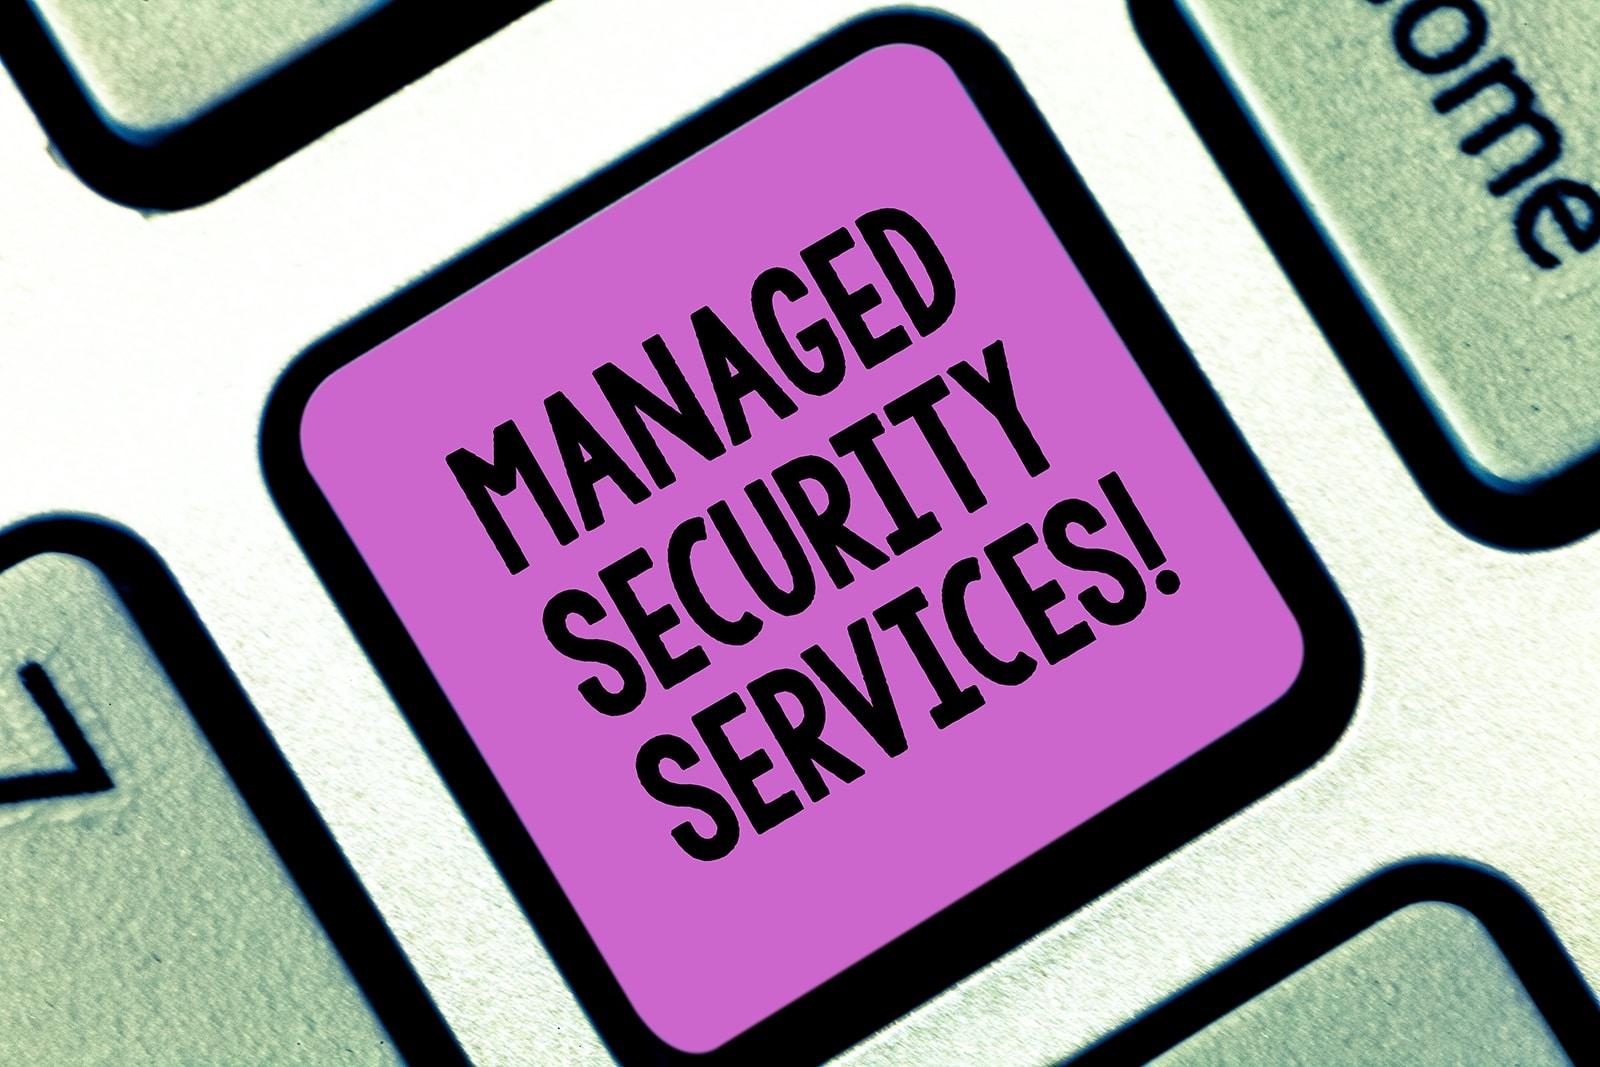 smeup servizi gestiti security